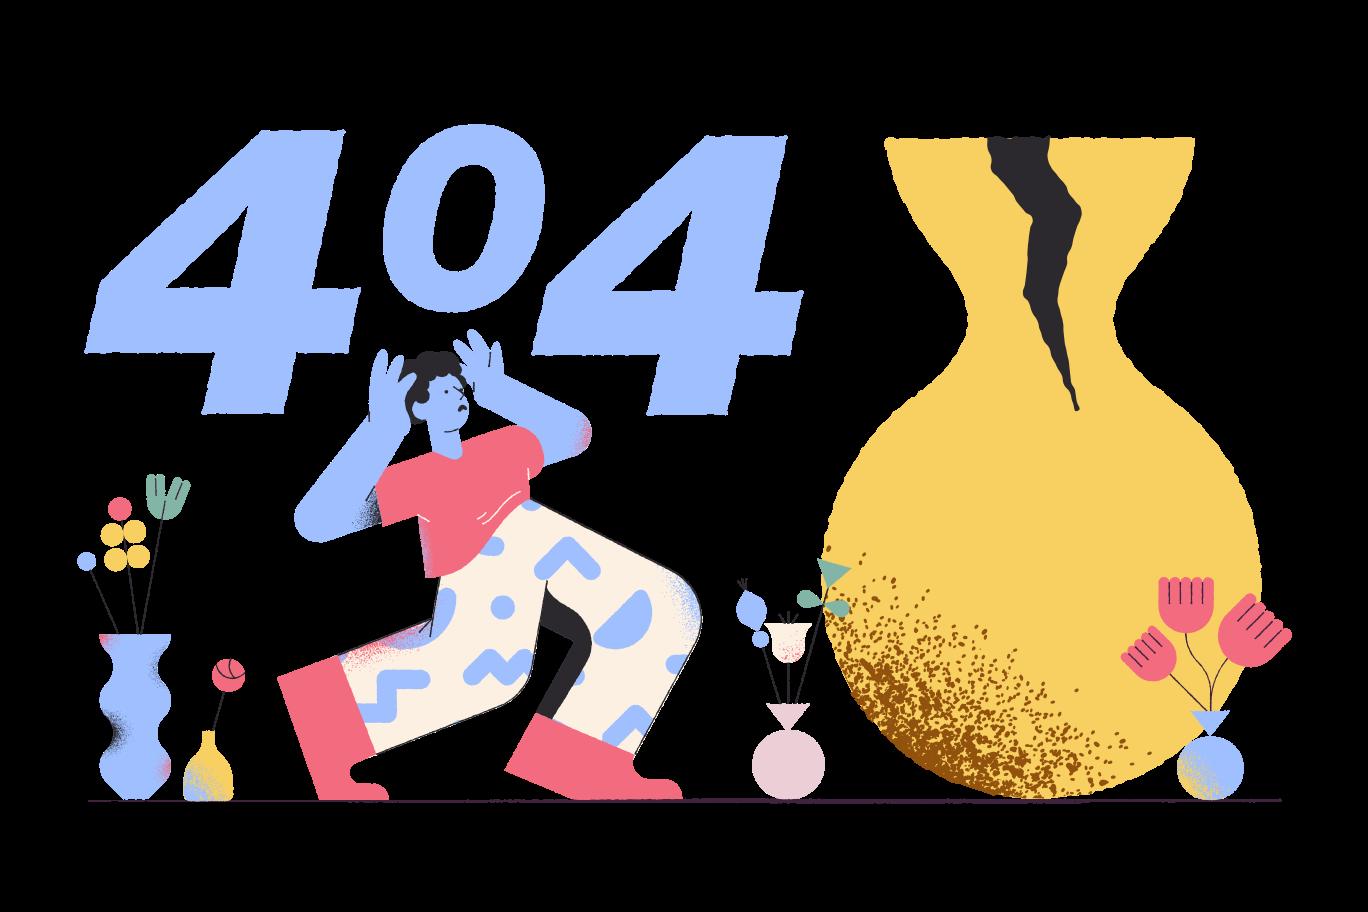 Fehler 404 Clipart-Grafik als PNG, SVG